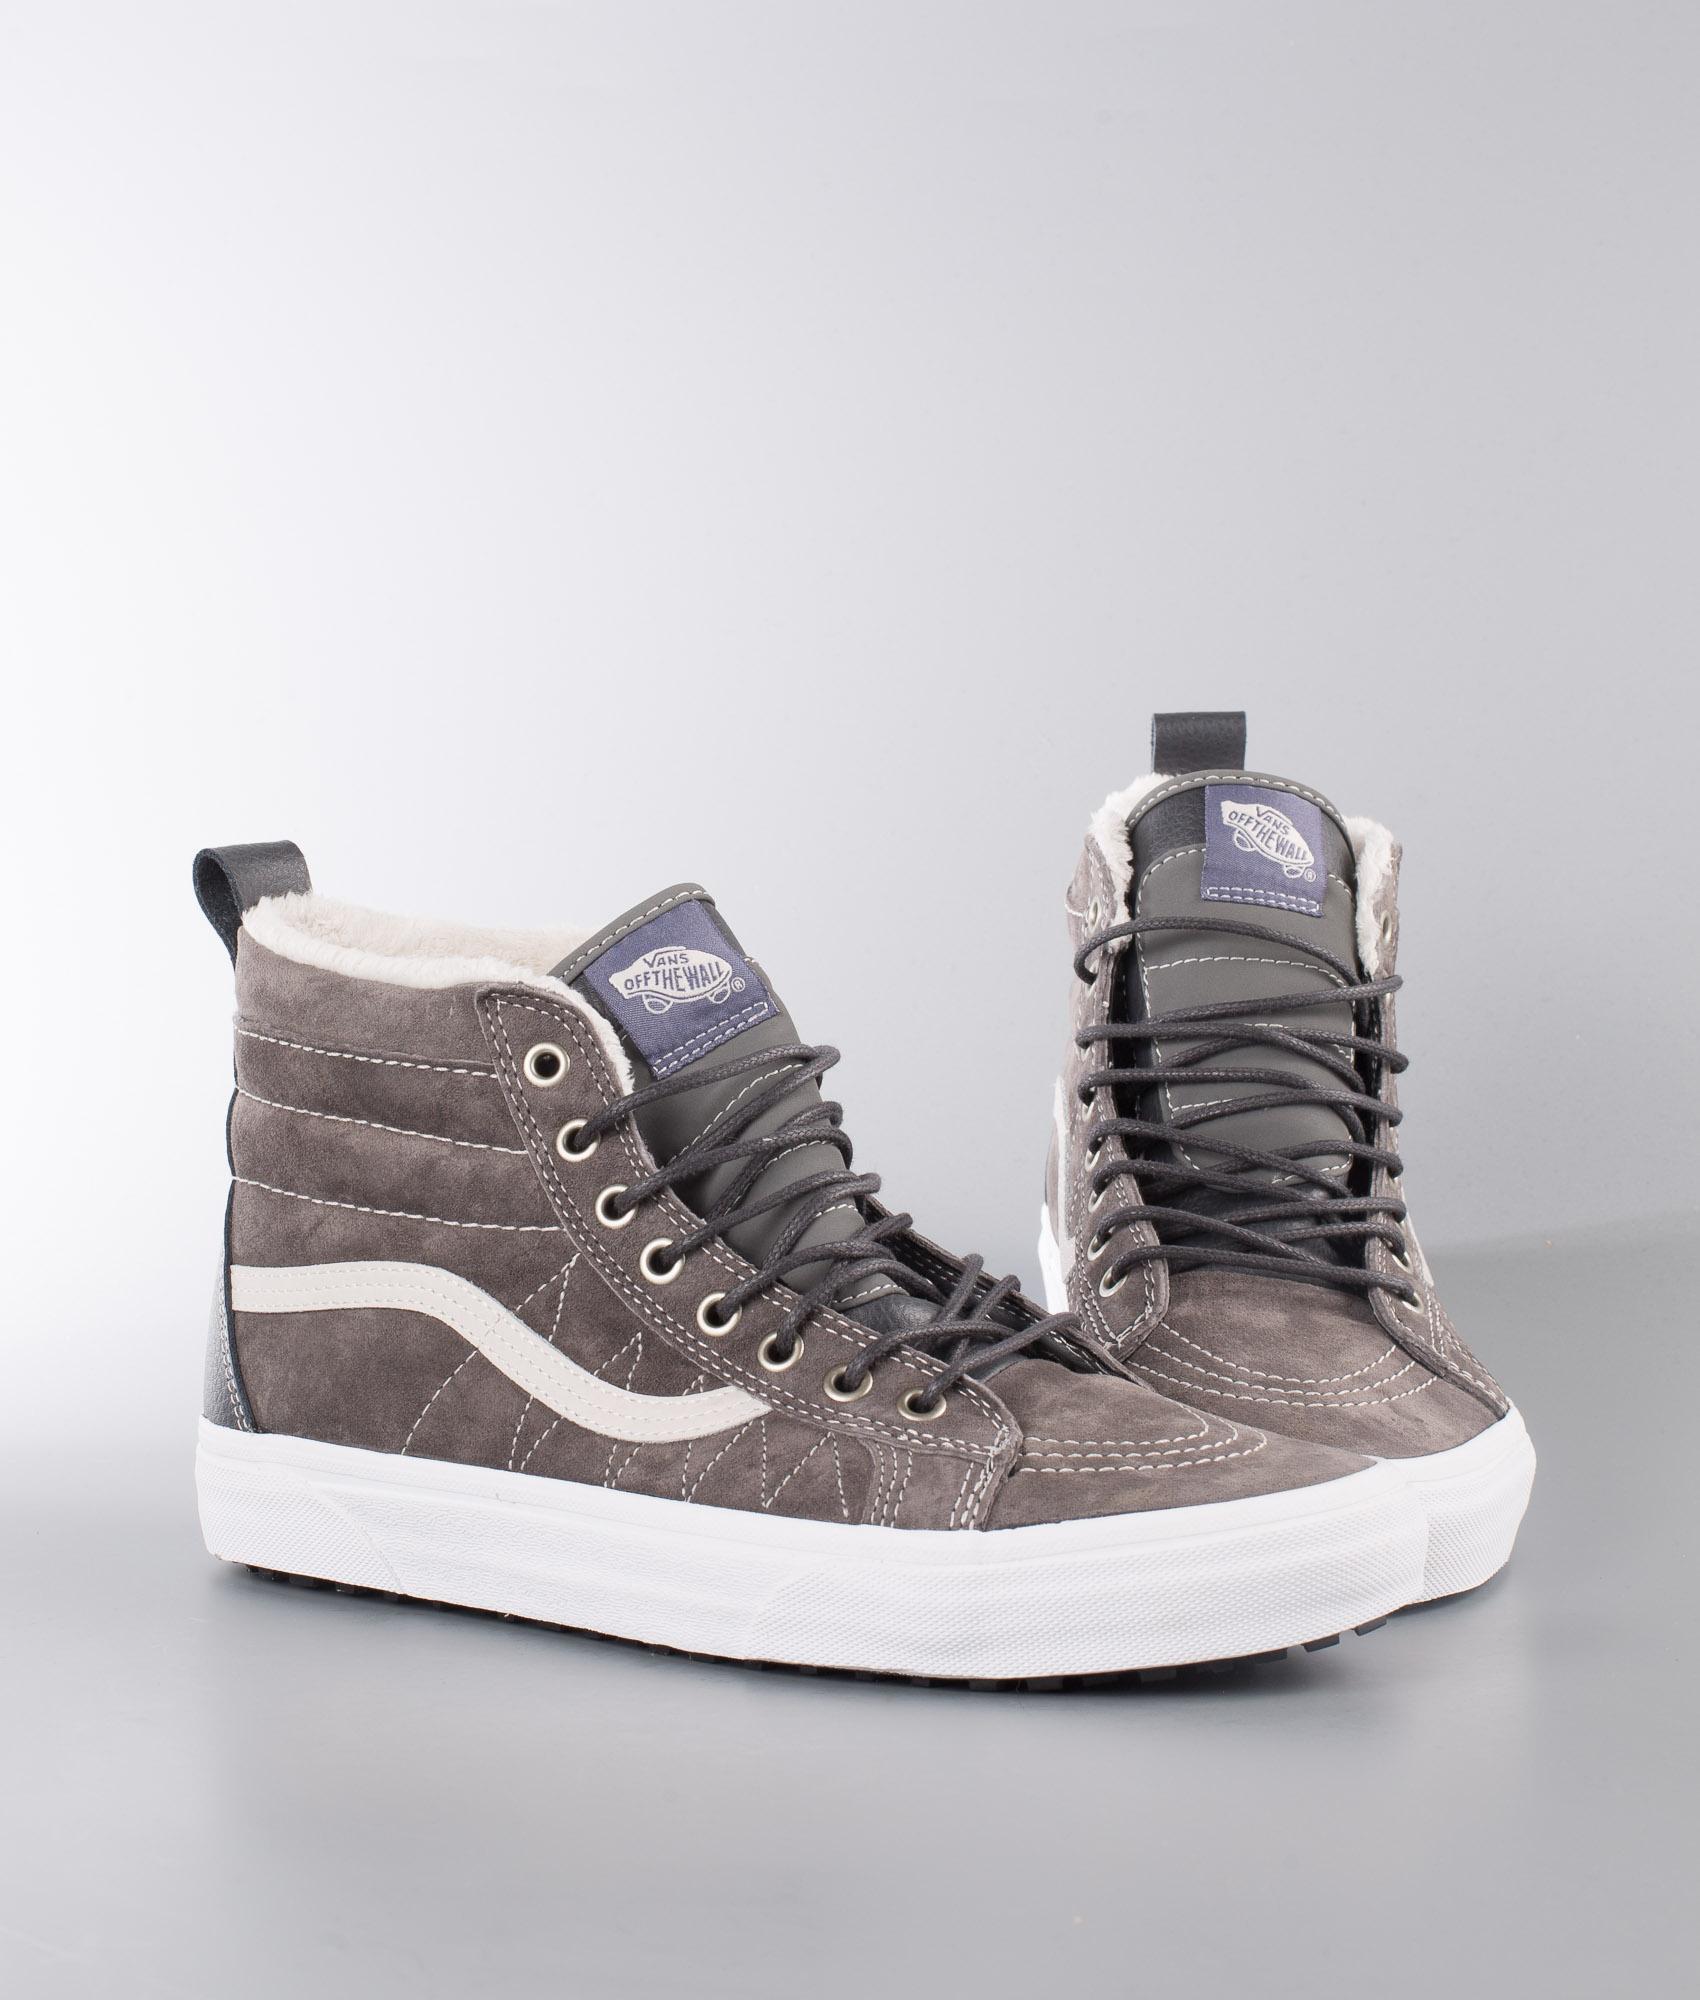 Vans Sk8-Hi Mte Shoes (Mte) Pewter/Asphalt